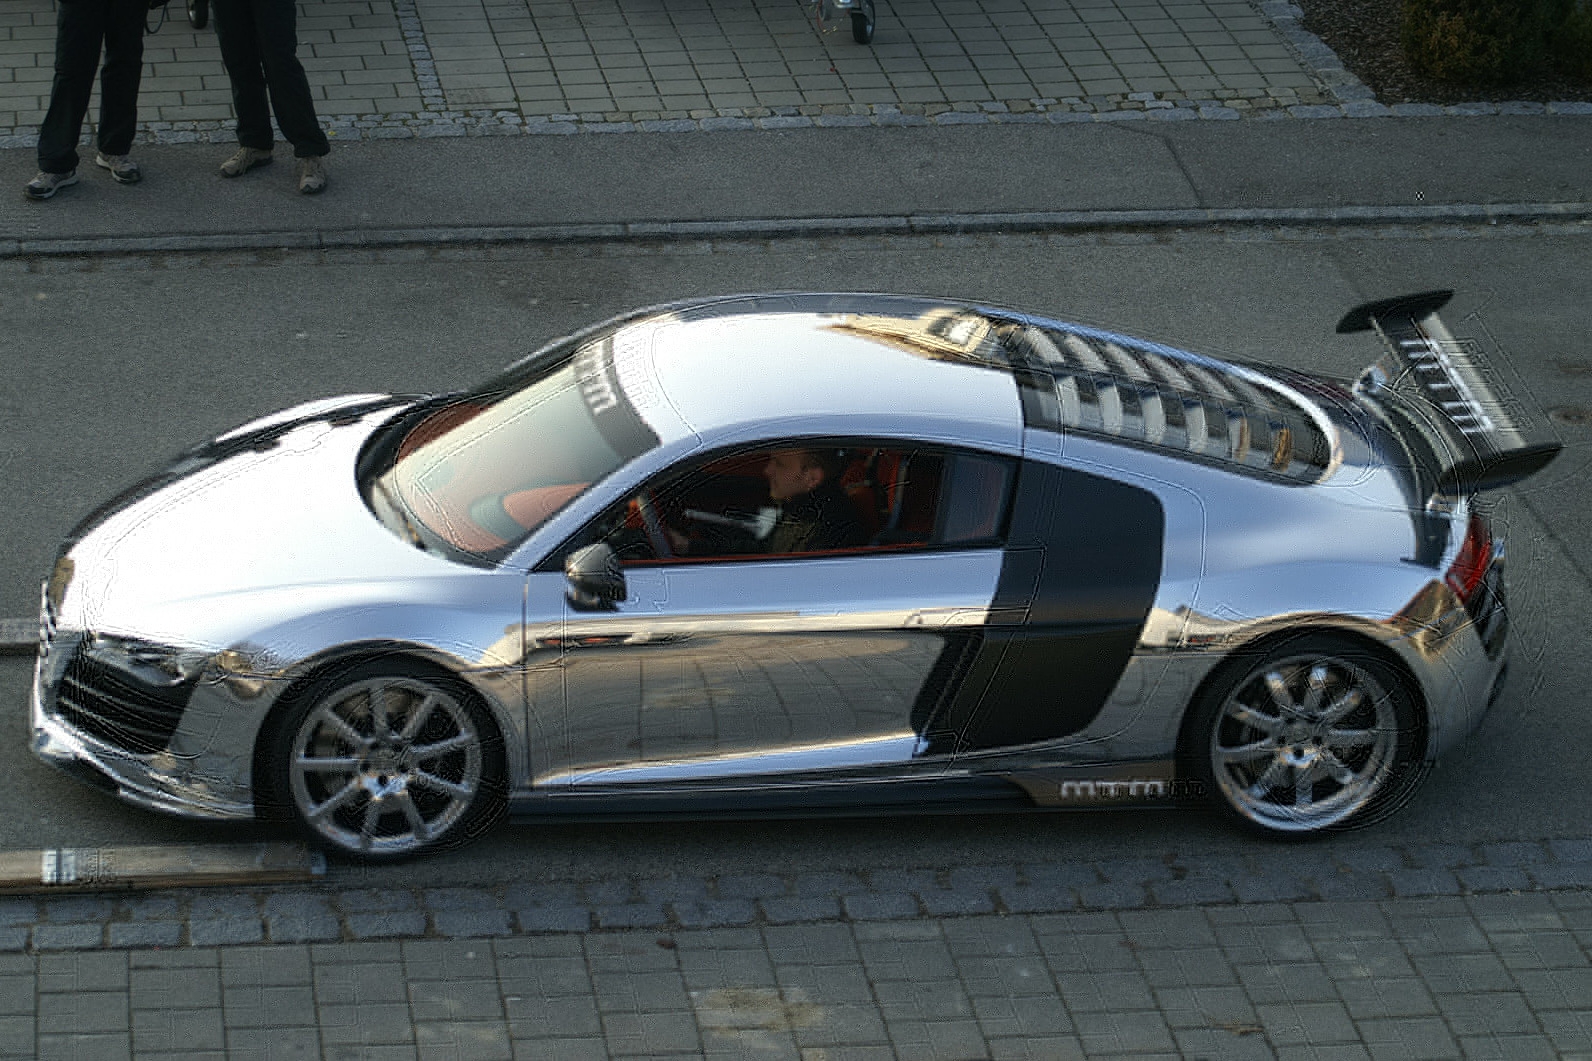 Cool Modified Audi R Cars SUPER CARS BIKES - Audi car 8 seater